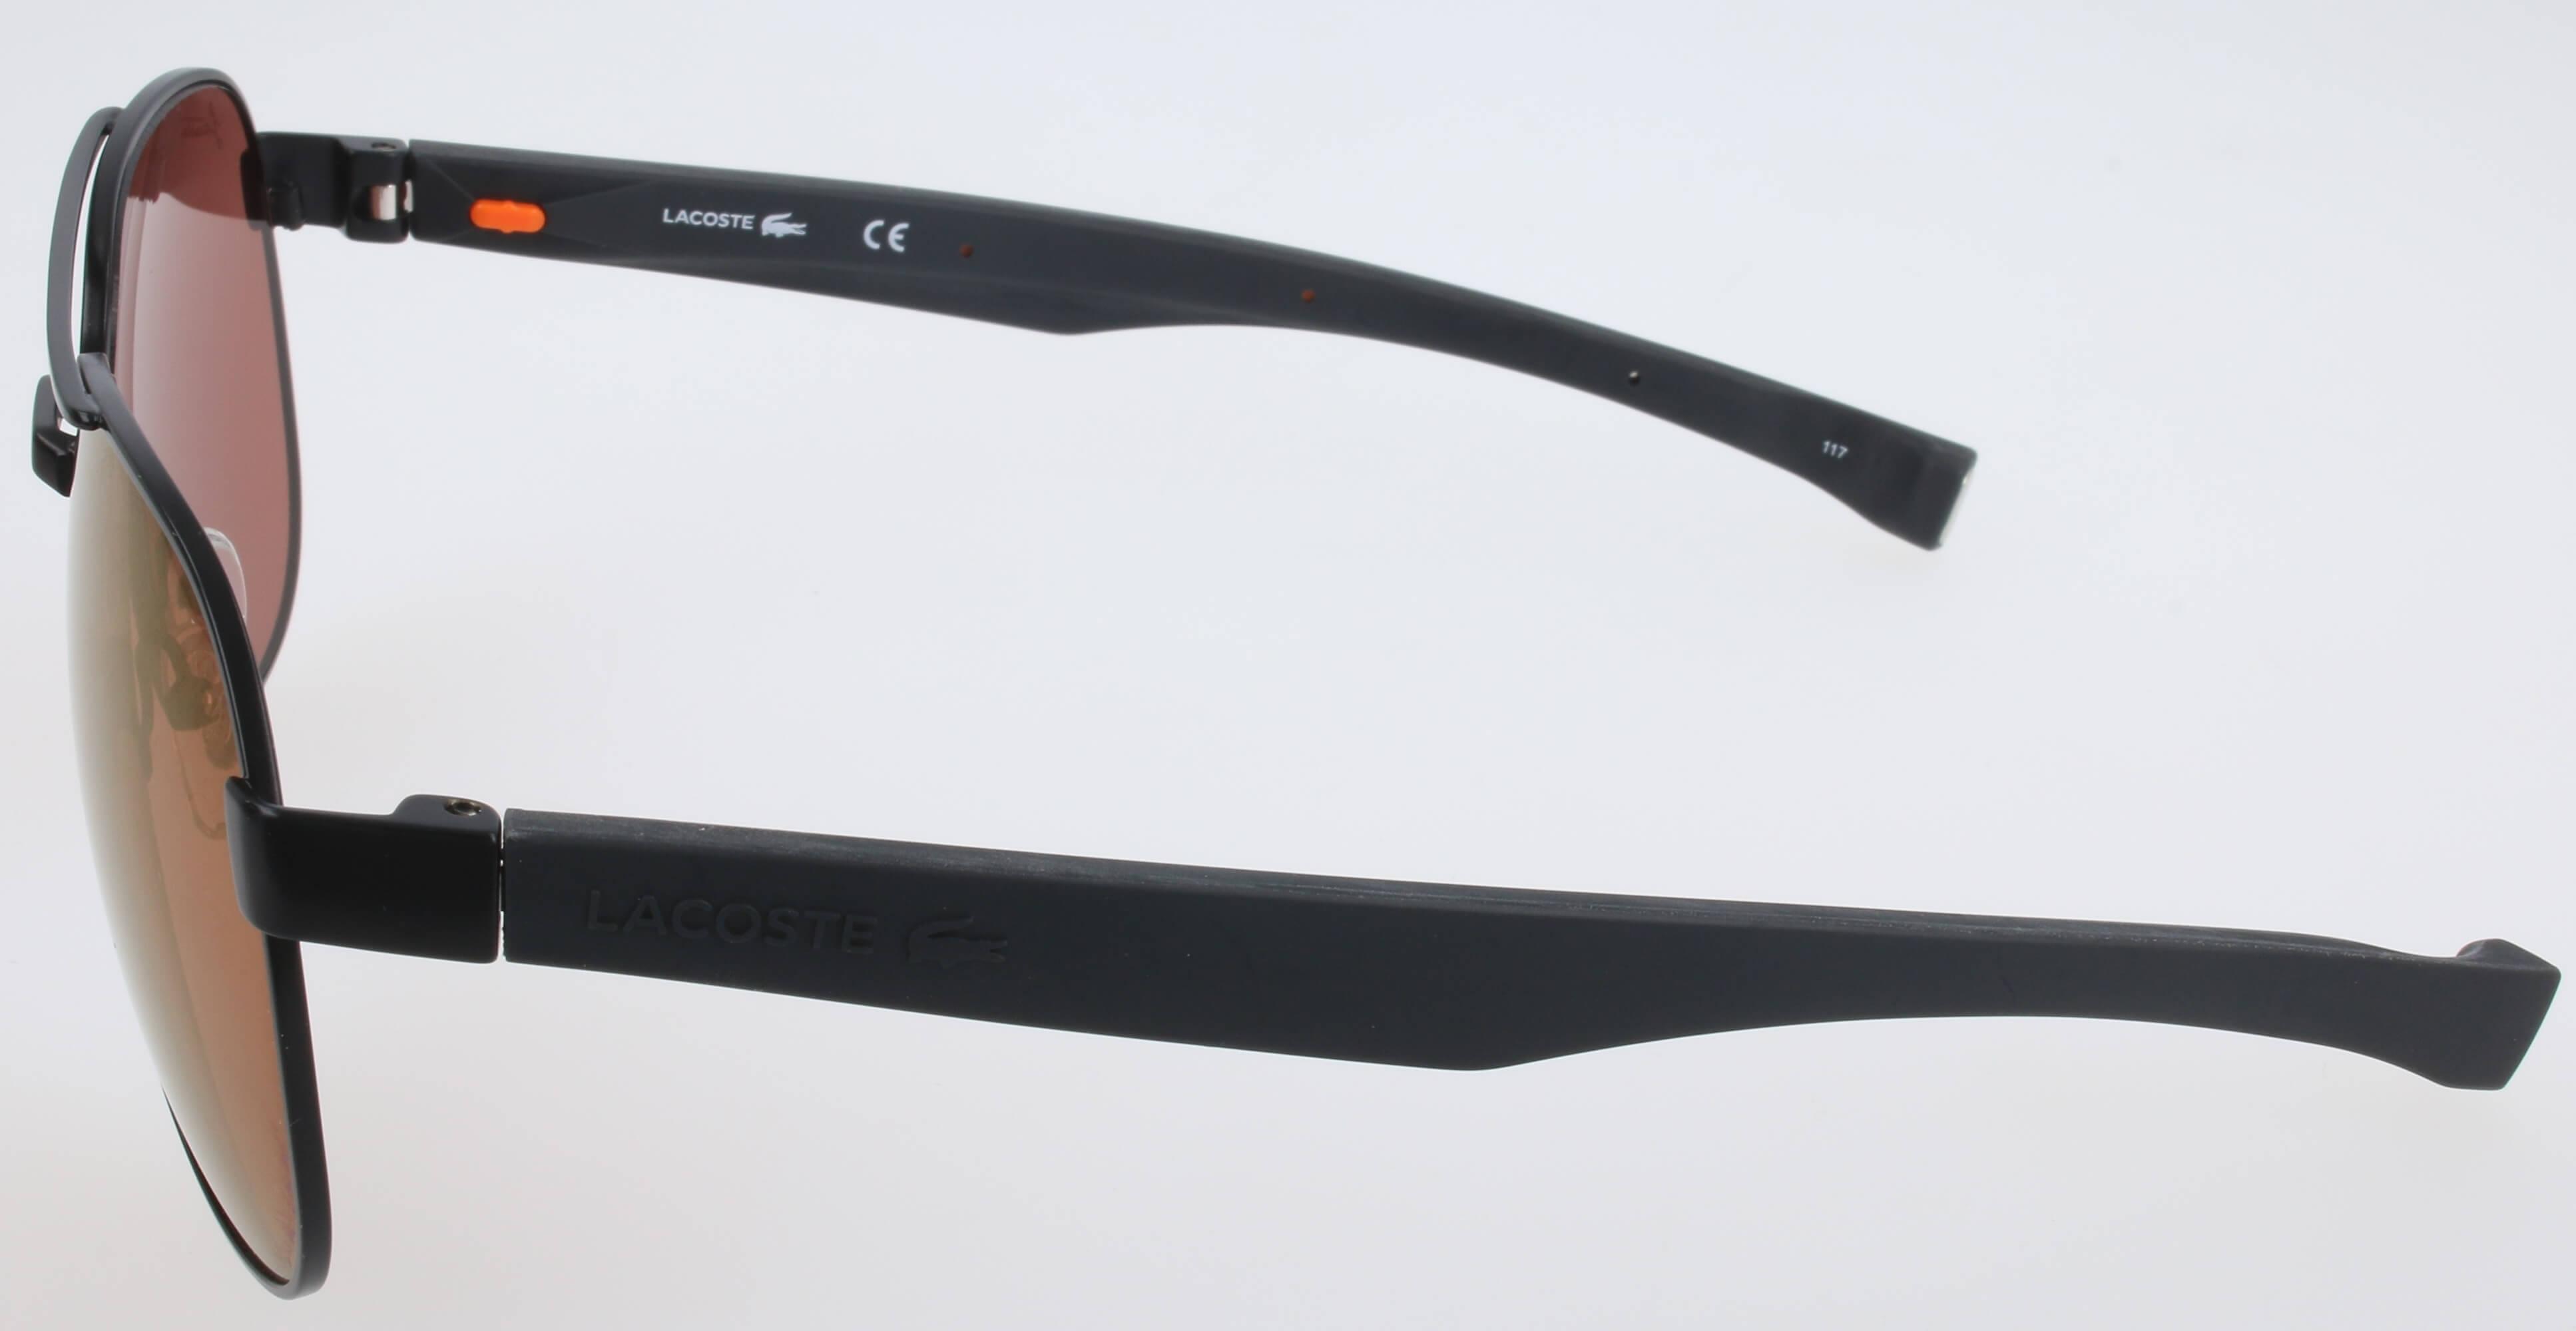 Lacoste Slnečné okuliare L186S 32940 001 S darčekom. Predchádzajúci  Ďalšie    dd97da81bd6